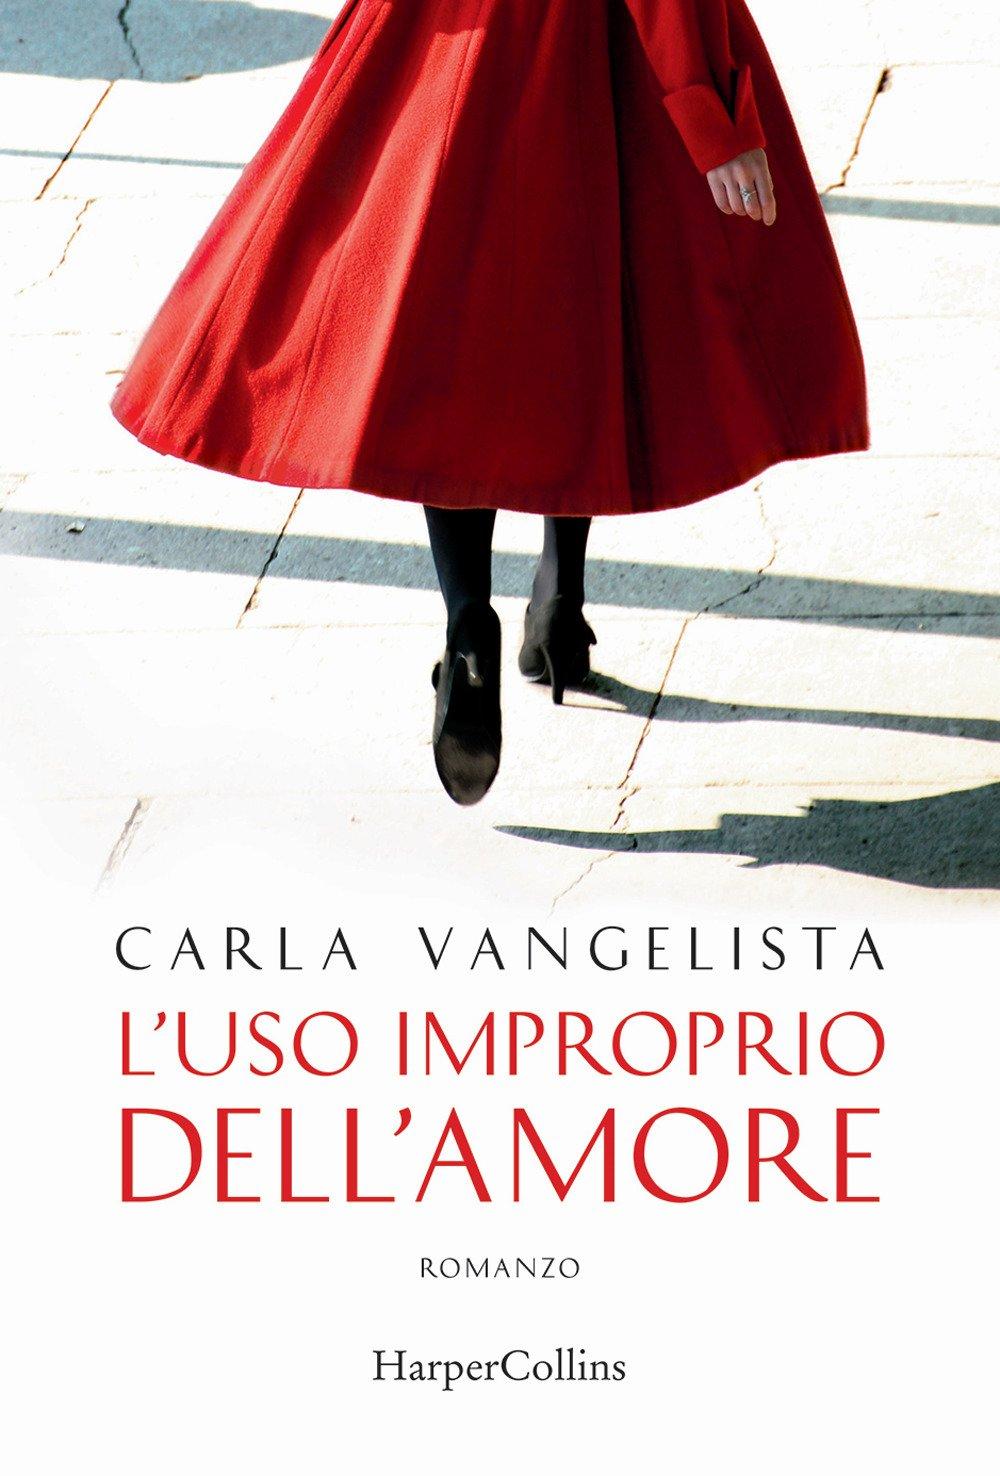 Carla Vangelista